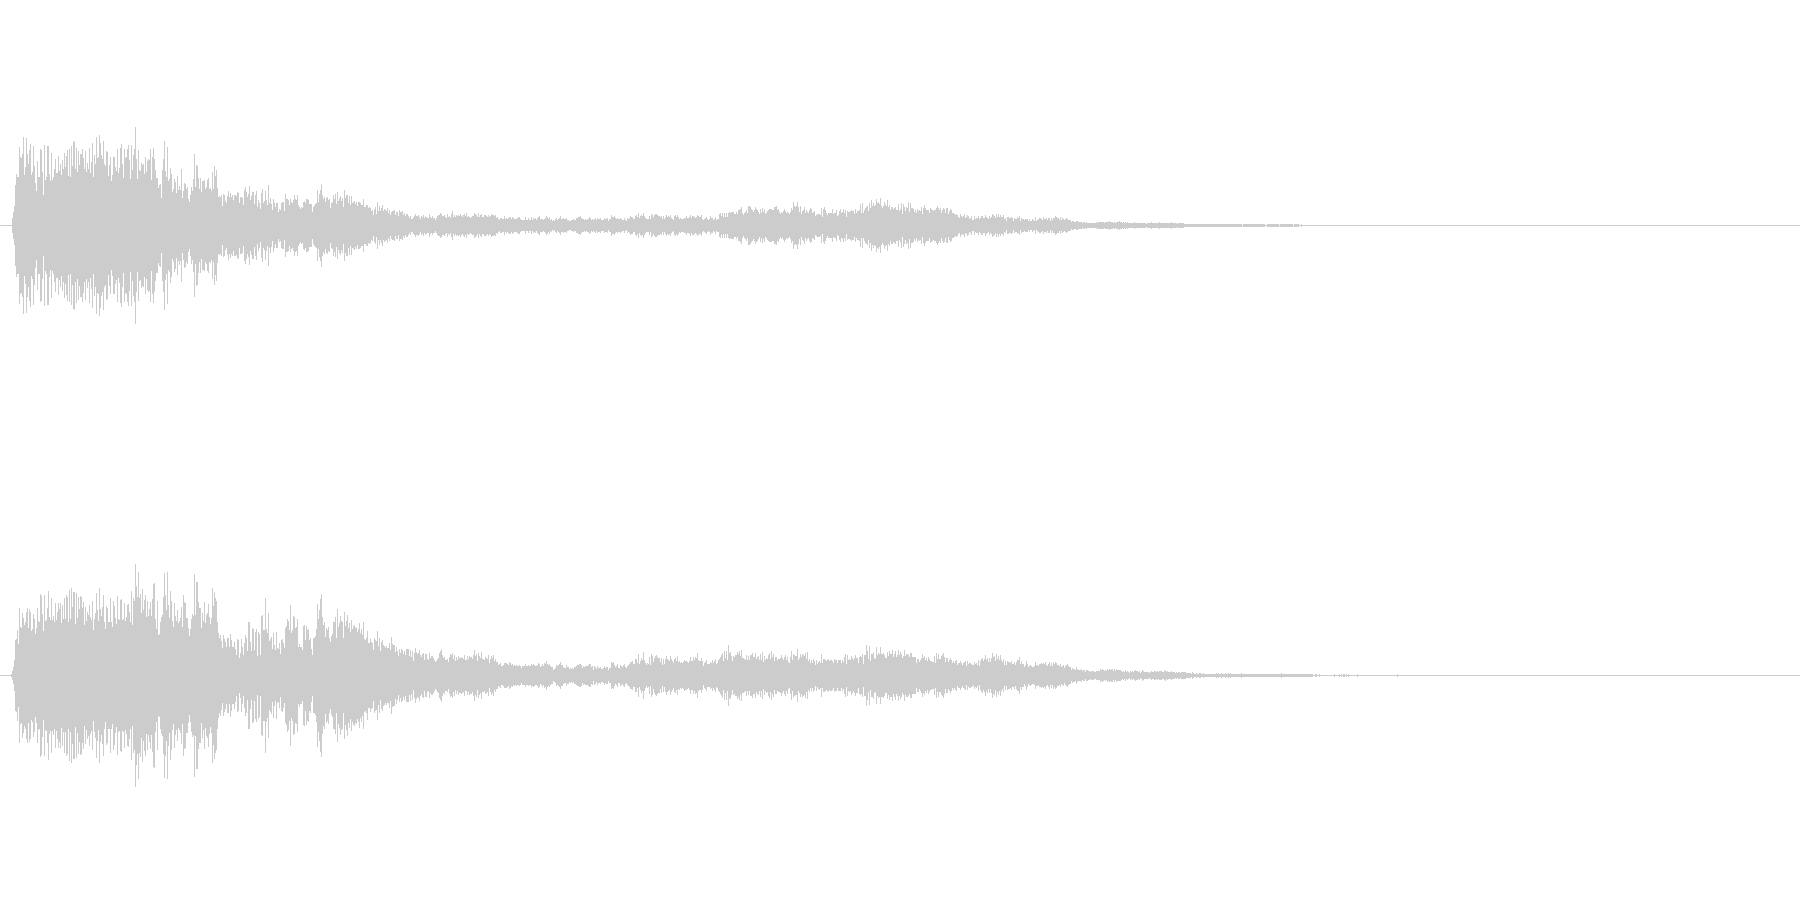 不気味な効果音【ひょおおお/ひゅーん】の未再生の波形